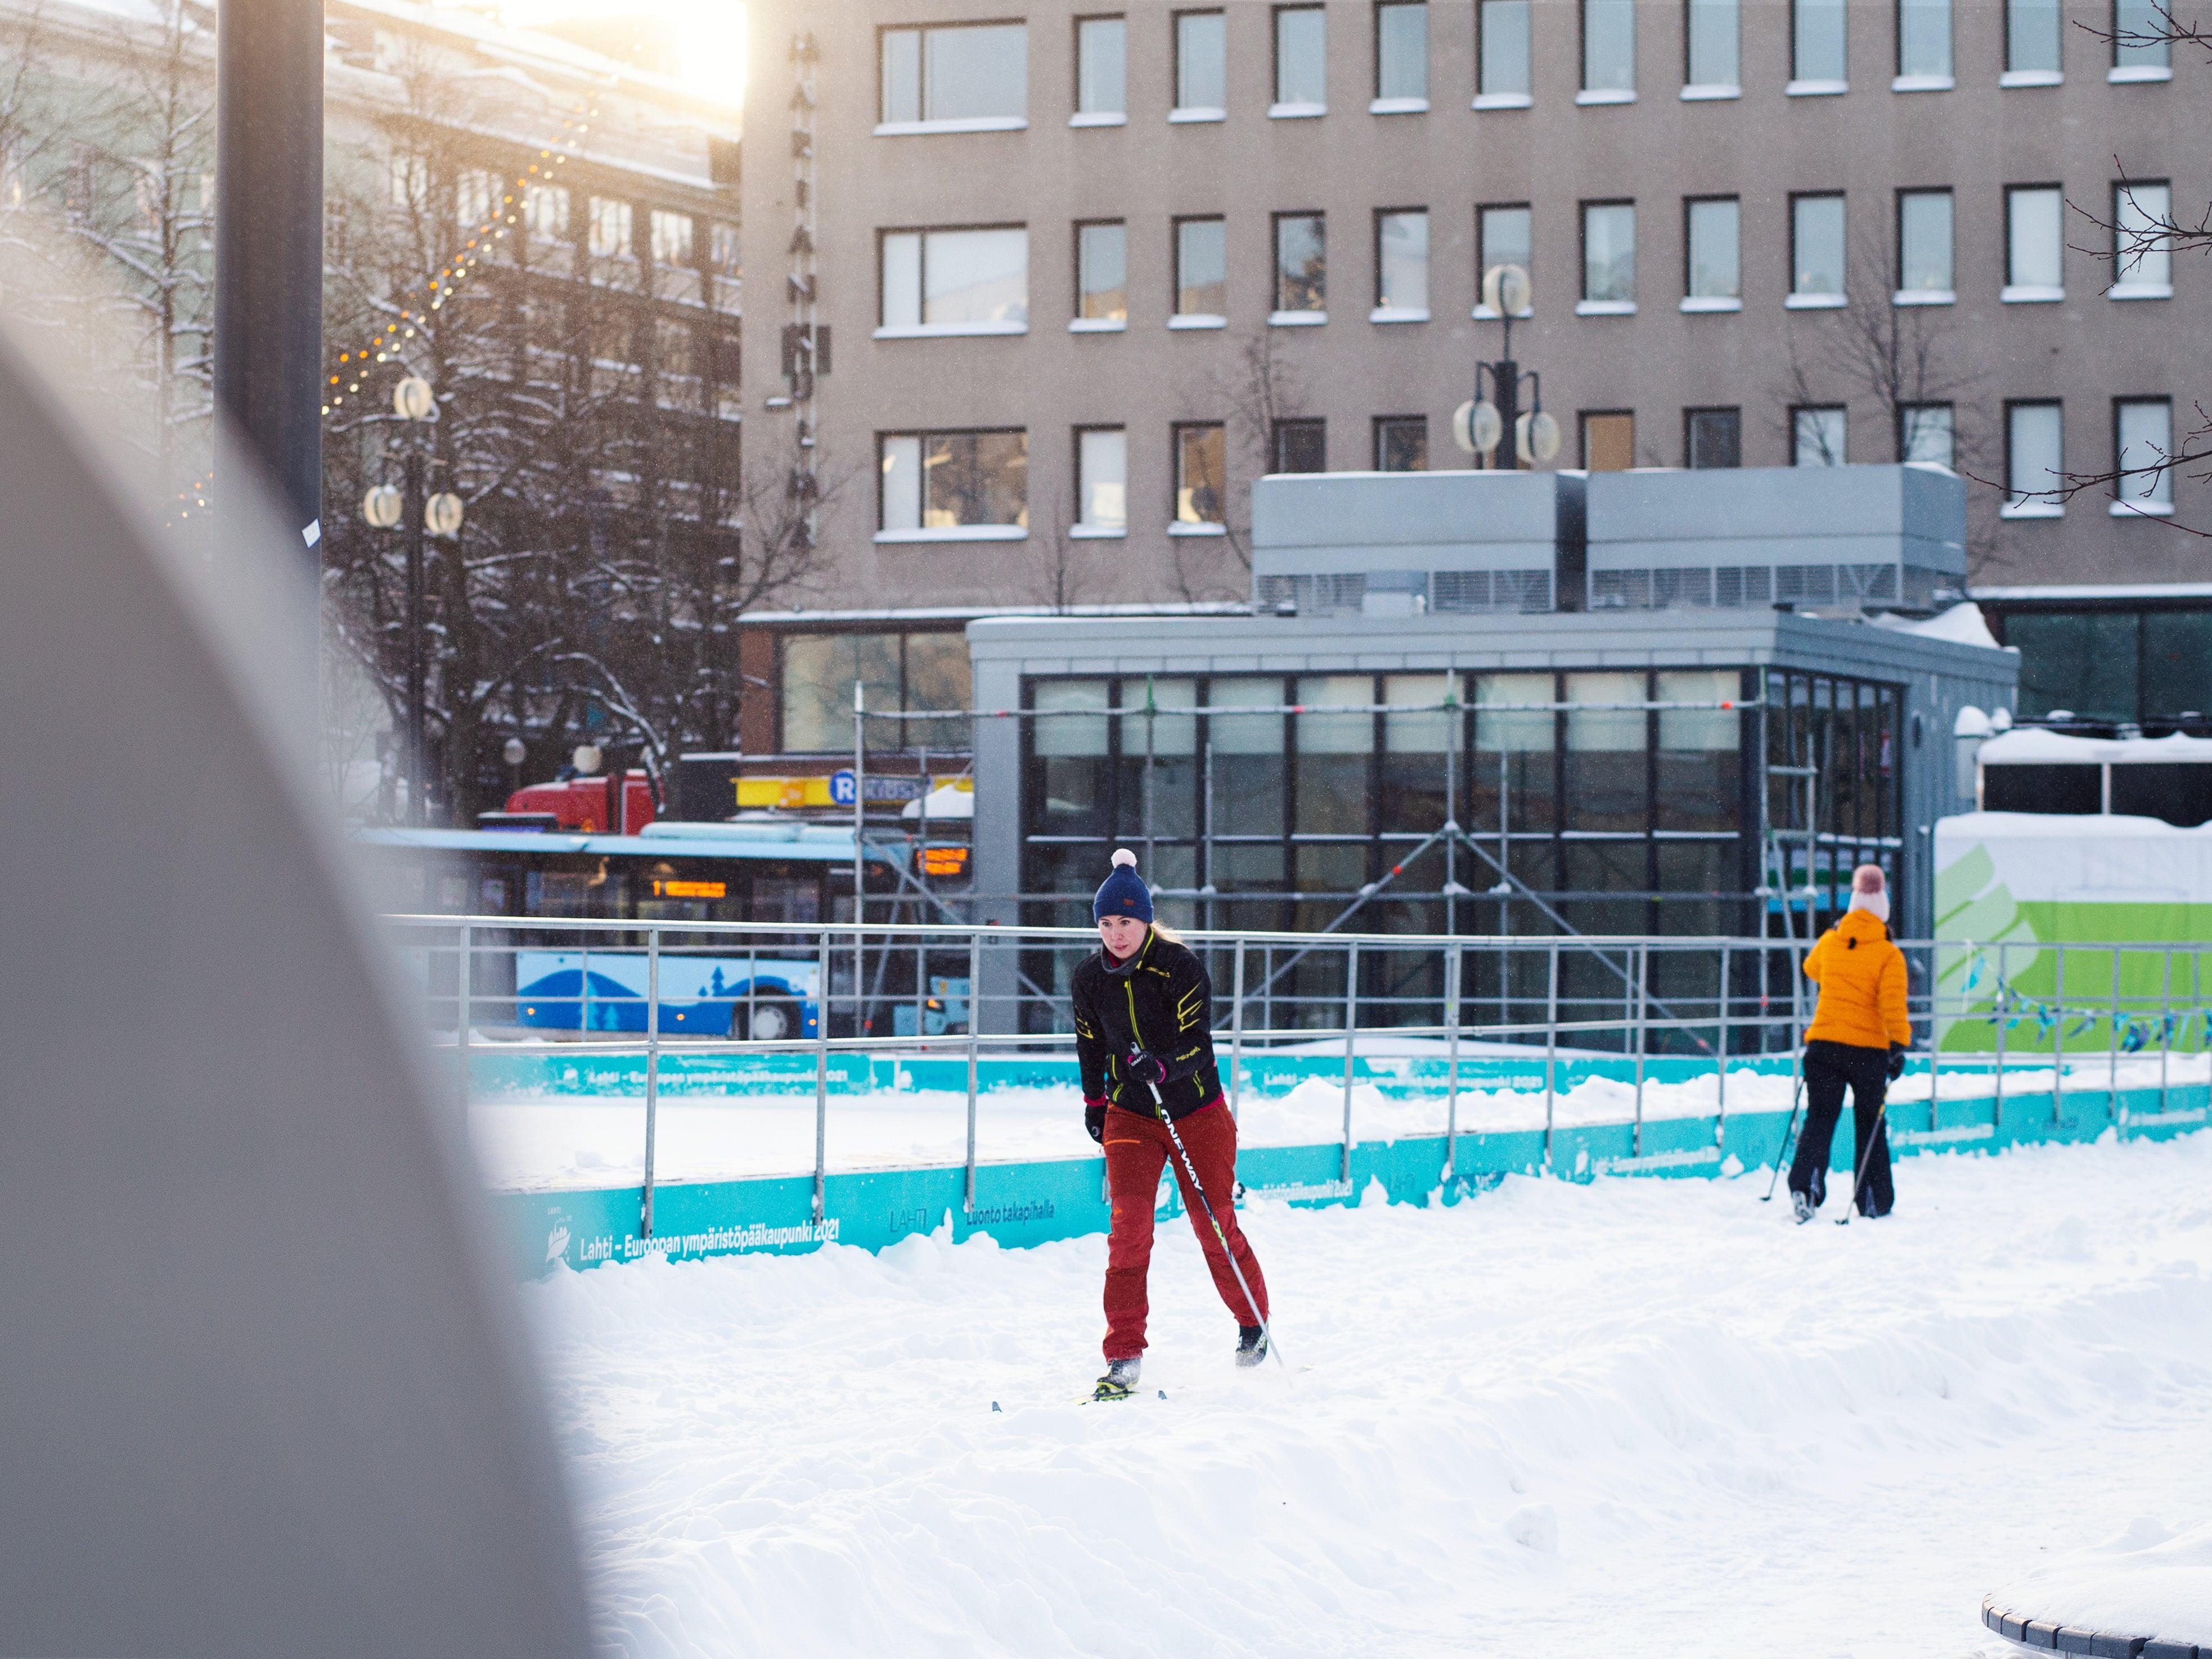 Finland launches world's first urban ski sharing scheme